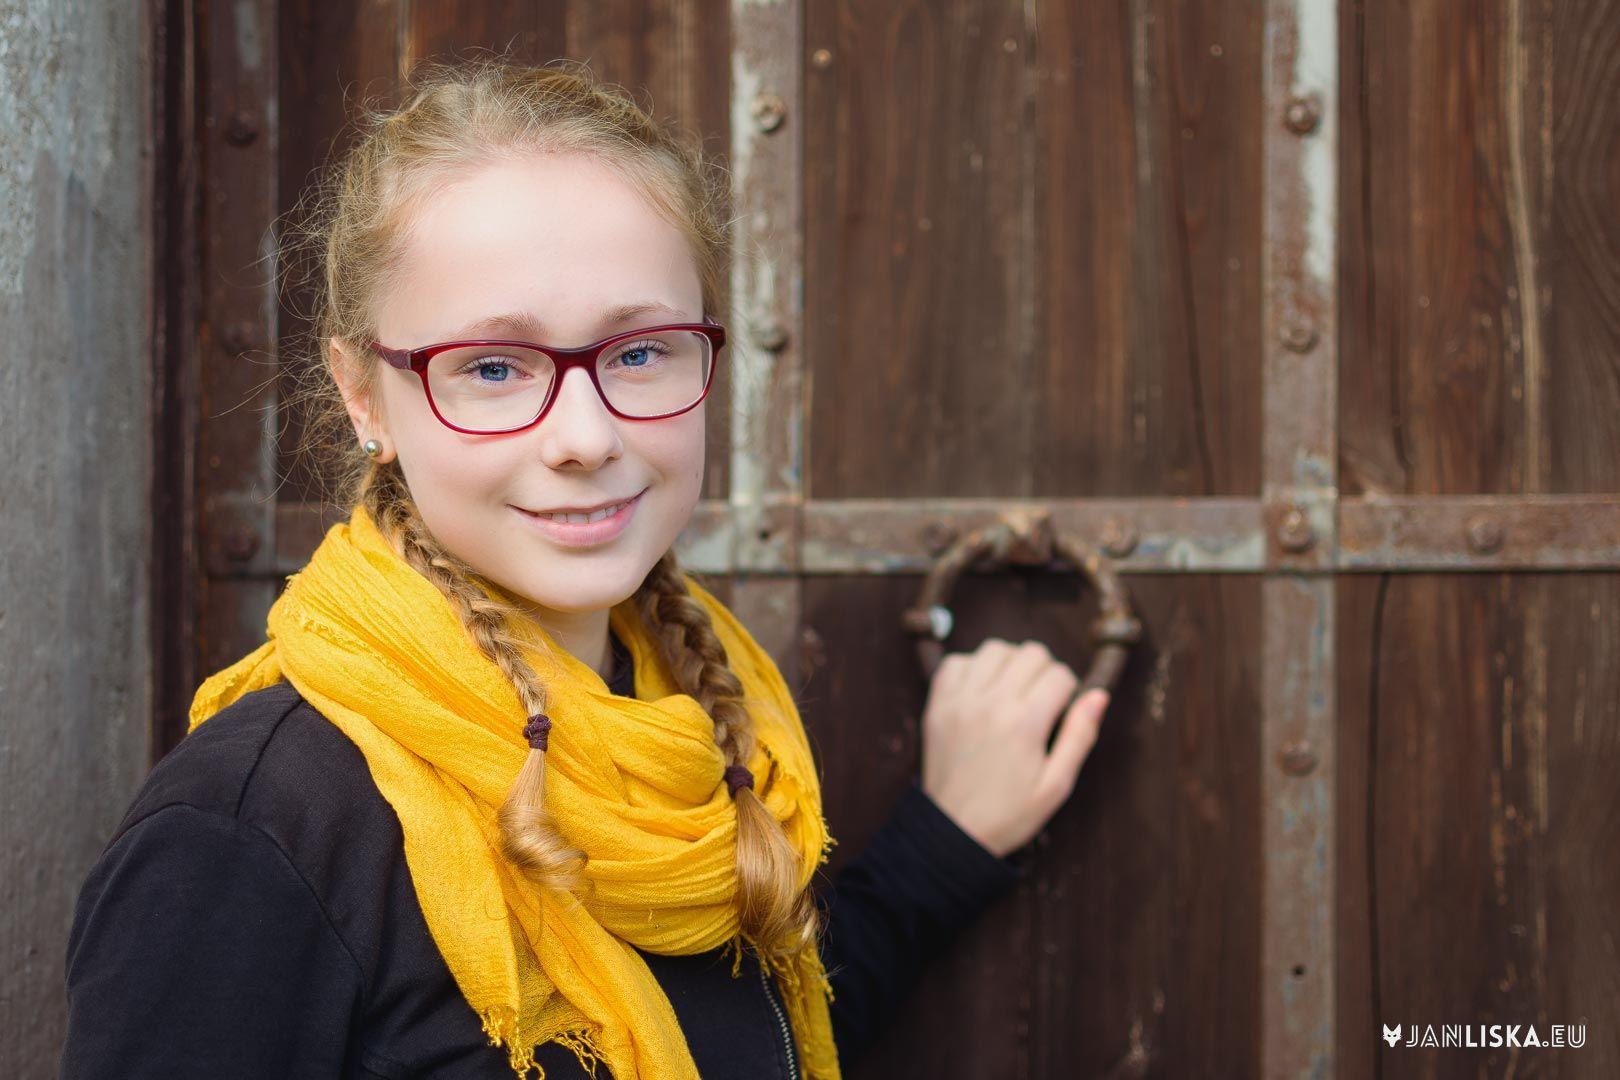 Fotografování portrétů a skupinová fotografie České Budějovice, Tábor, Veselí nad Lužnicí, jižní Čechy